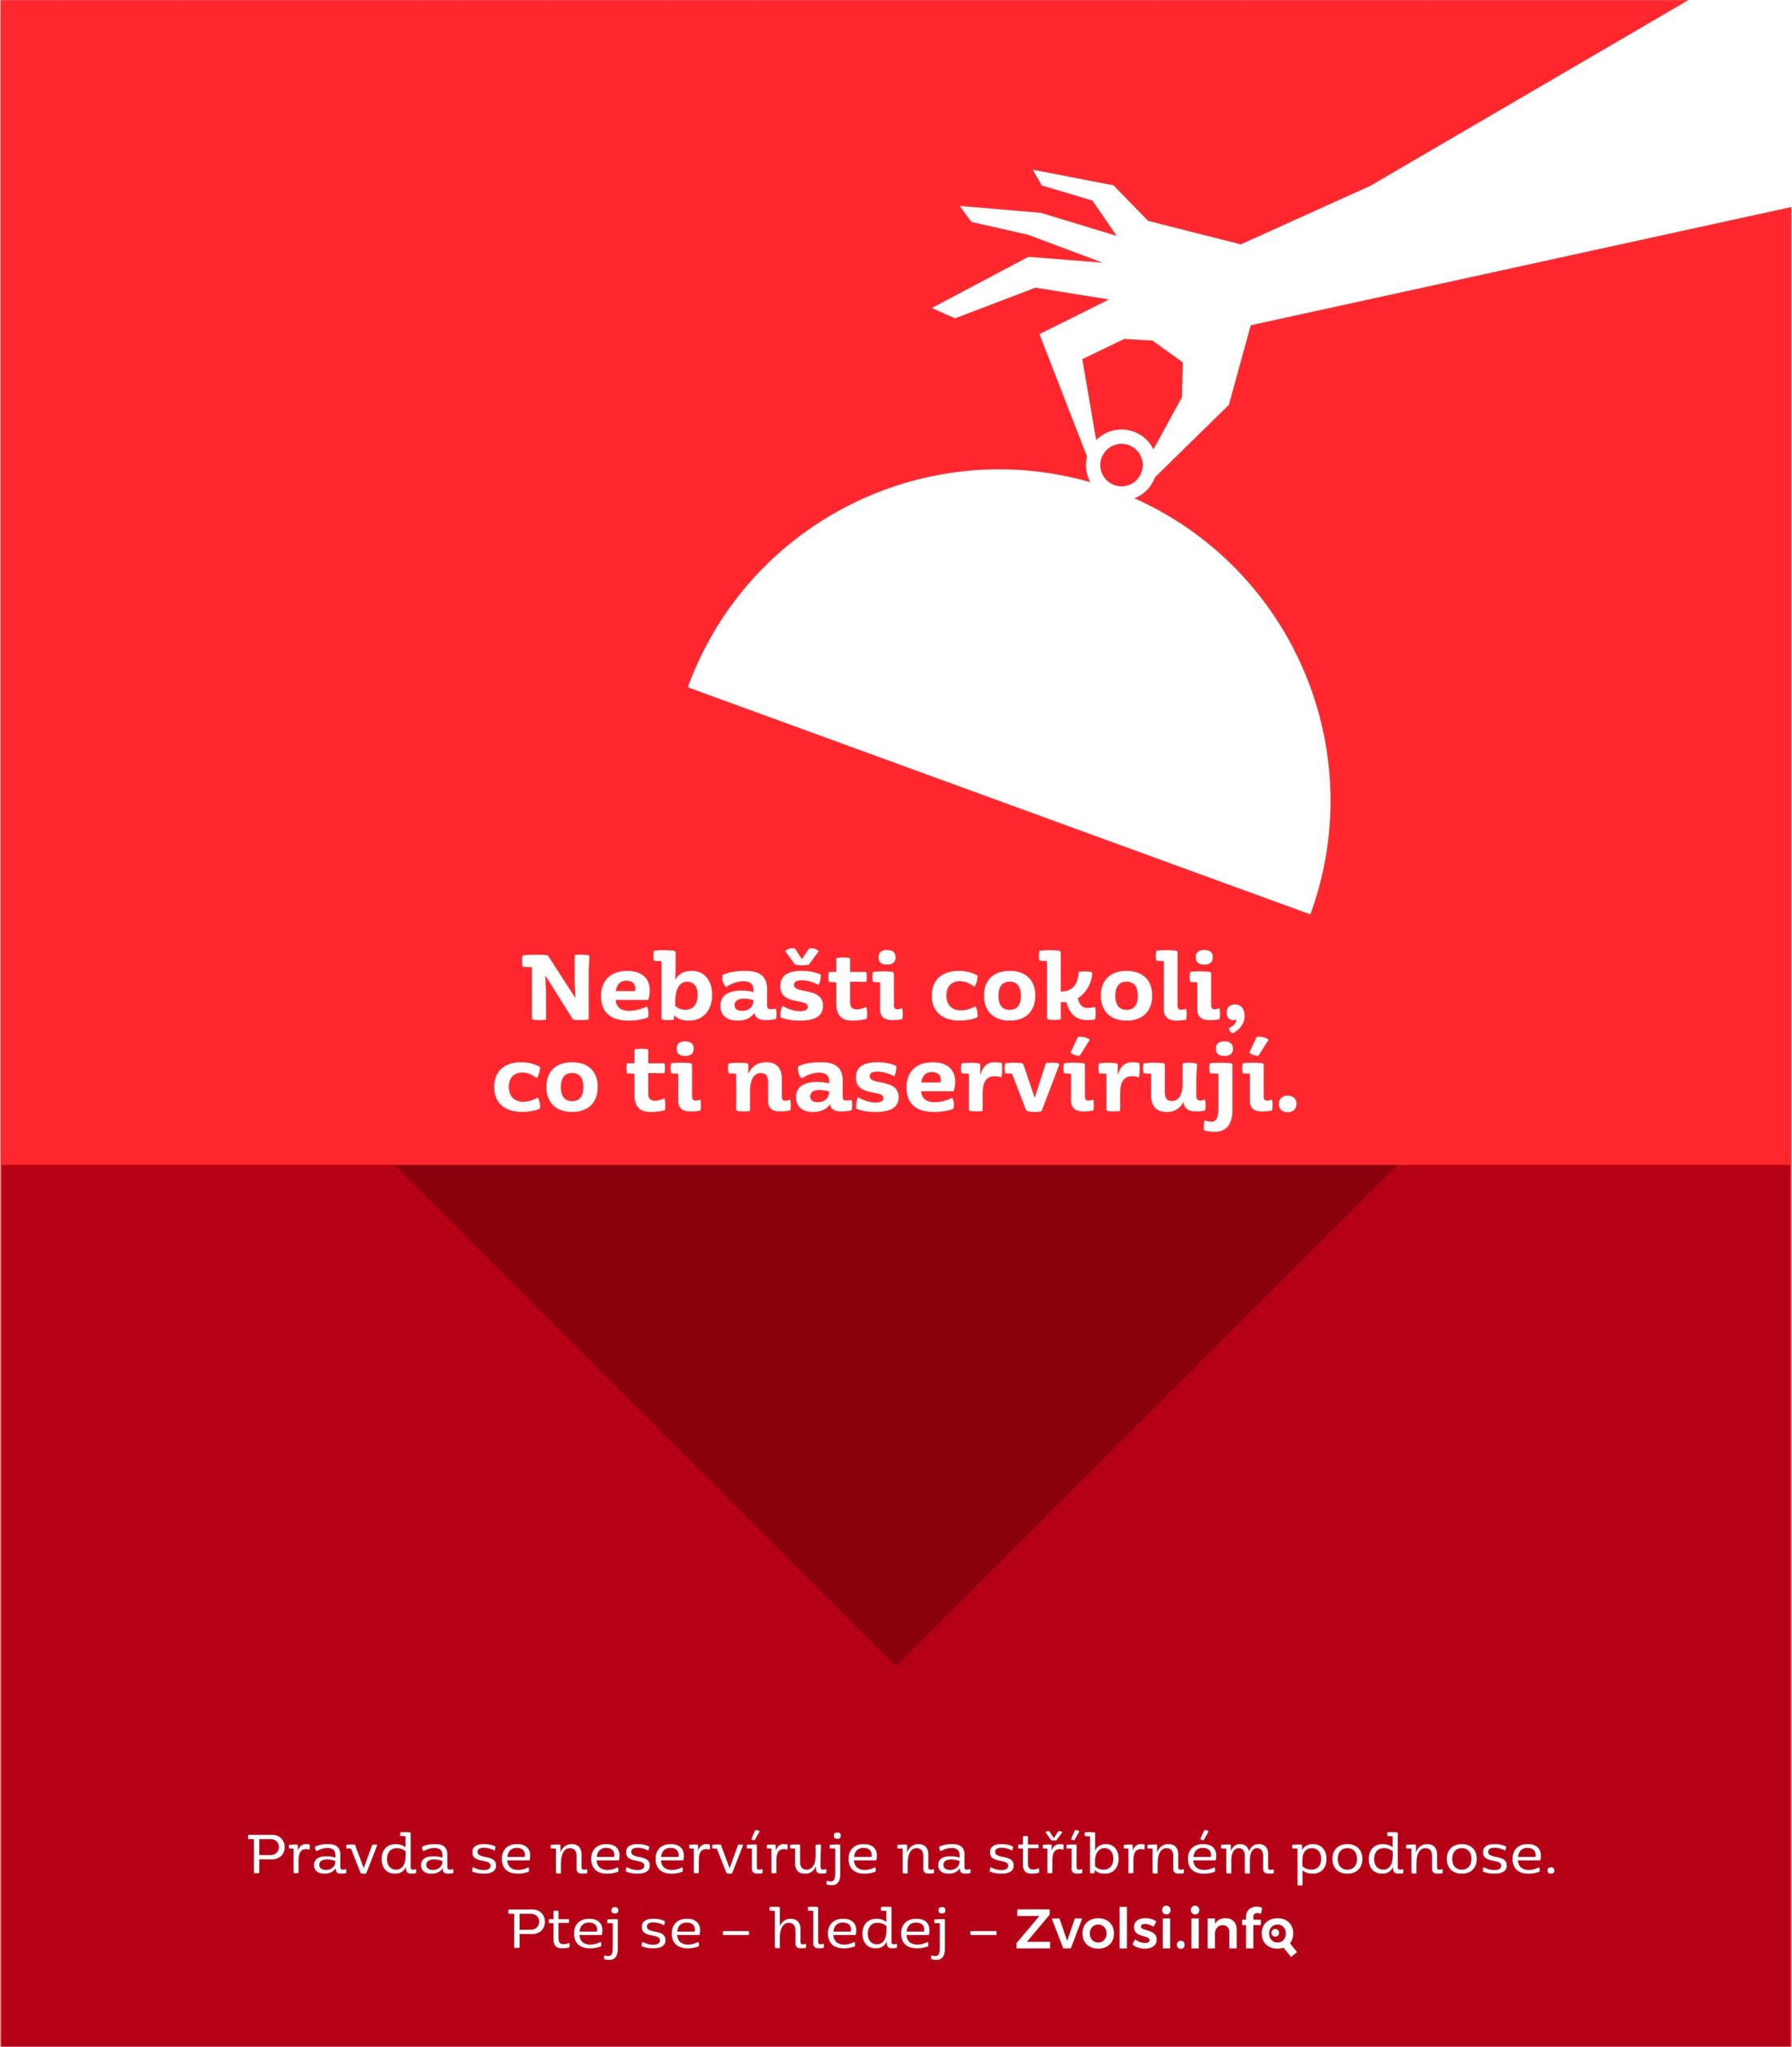 Zvolsi.info_design_Veronika_Rut_Fullerova_07-1